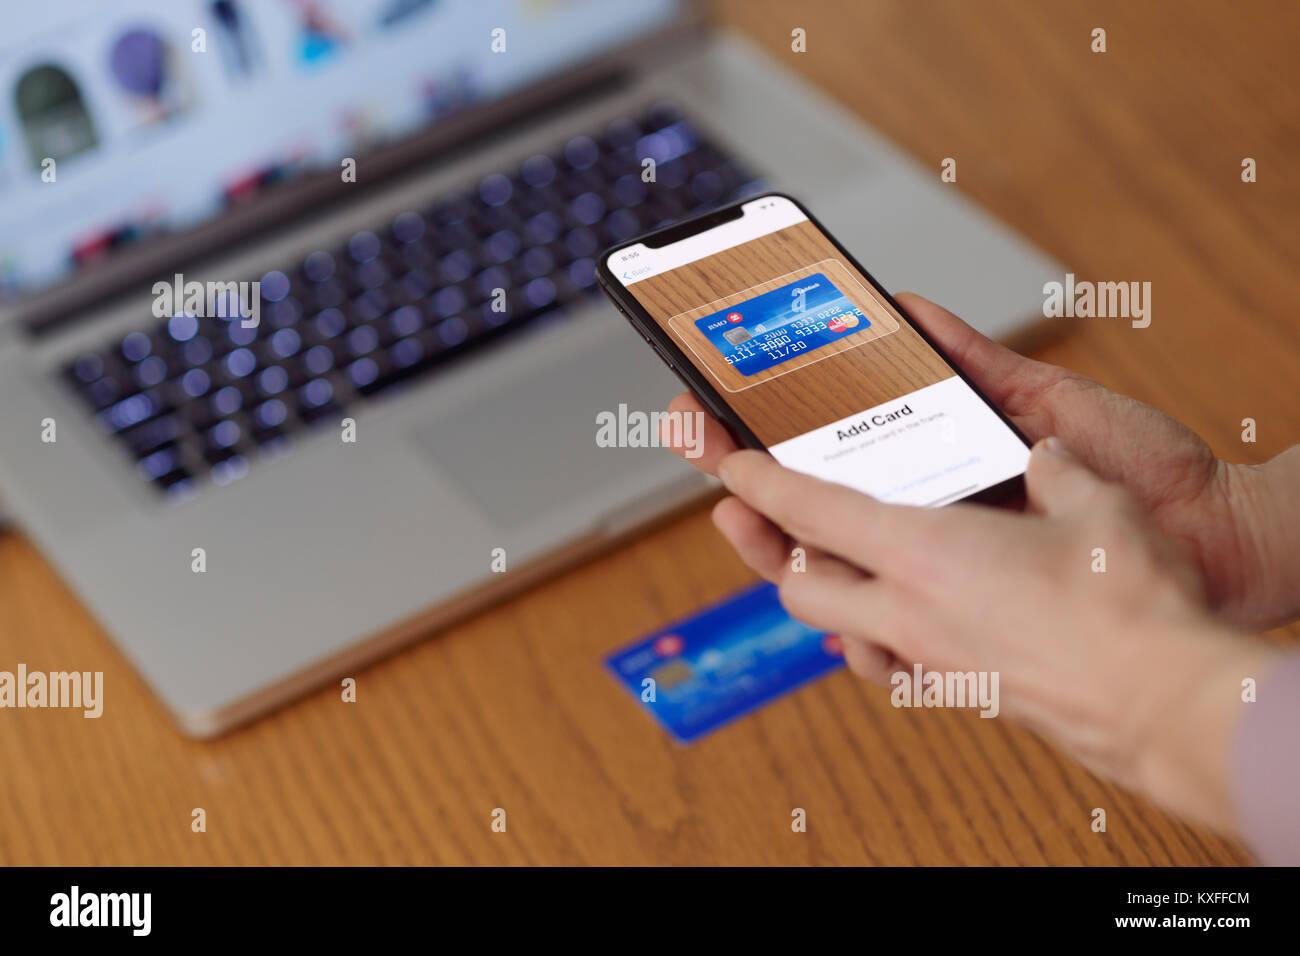 Mujer con iPhone X en su mano escanear una tarjeta de crédito con pago de Apple, Apple app de pago electrónico monedero Foto de stock